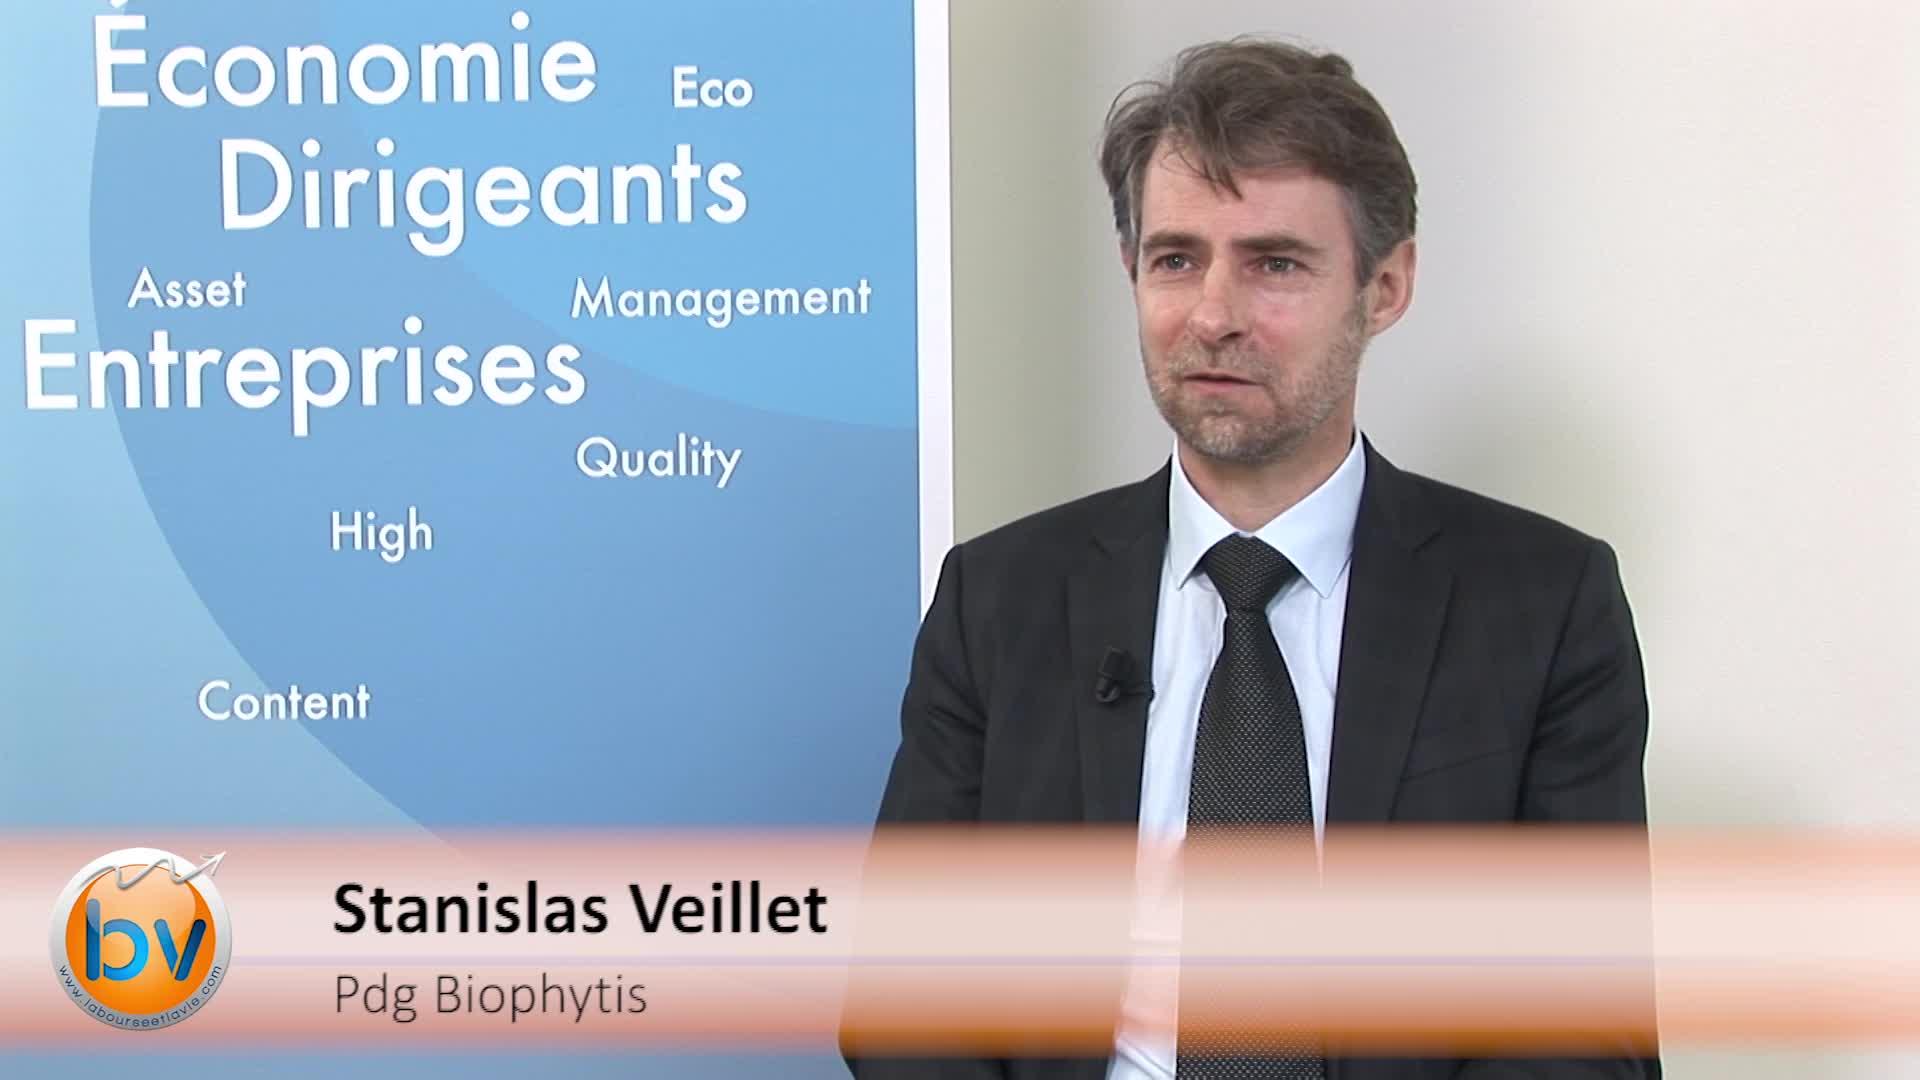 Stanislas Veillet Pdg Biophytis : «Nous allons bien lancer en 2016 nos deux études»